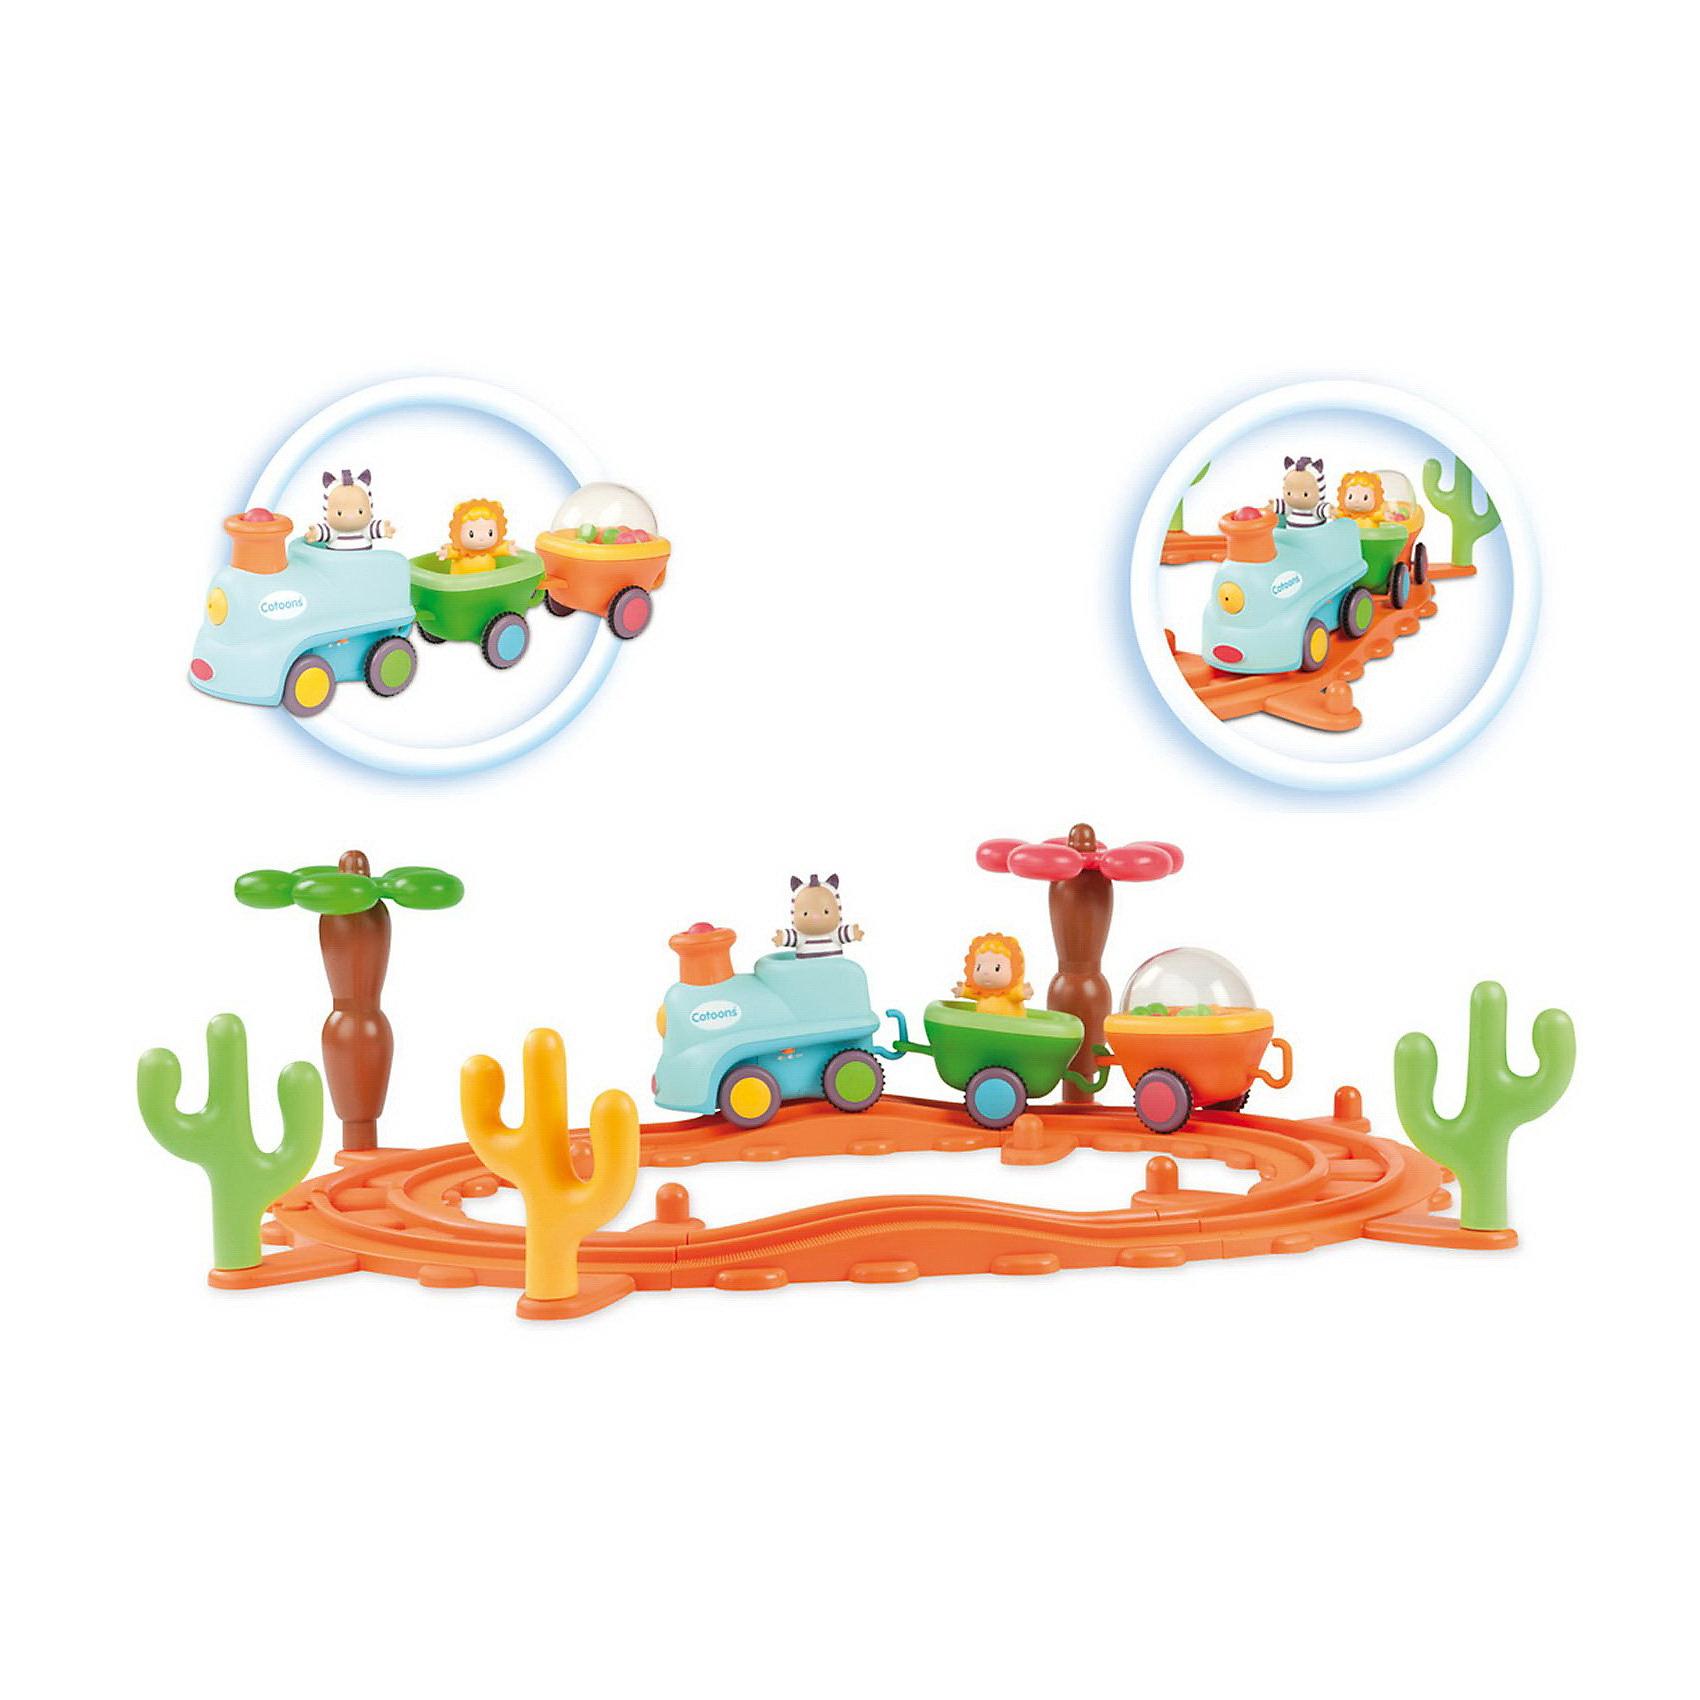 Smoby Музыкальная железная дорогаИгрушечная железная дорога<br>В набор входит паровозик с тремя вагончиками, рельсы из пластмассы, и несколько импровизированных кактусов. В паровозике и вагонах сидят главные персонажи сериала Сotoons. Все персонажи легко вынимаются из своих мест. Еще один вагончик засыпан погремушками и во время движения поезда игрушка становится - погремушкой. А еще, во время движения музыкального поезда по железной дороге, персонажи начинают двигаться - кто-то вверх-вниз, кто-то кружиться по кругу.<br><br>Ширина мм: 400<br>Глубина мм: 150<br>Высота мм: 280<br>Вес г: 1619<br>Возраст от месяцев: 0<br>Возраст до месяцев: 1188<br>Пол: Унисекс<br>Возраст: Детский<br>SKU: 2497530